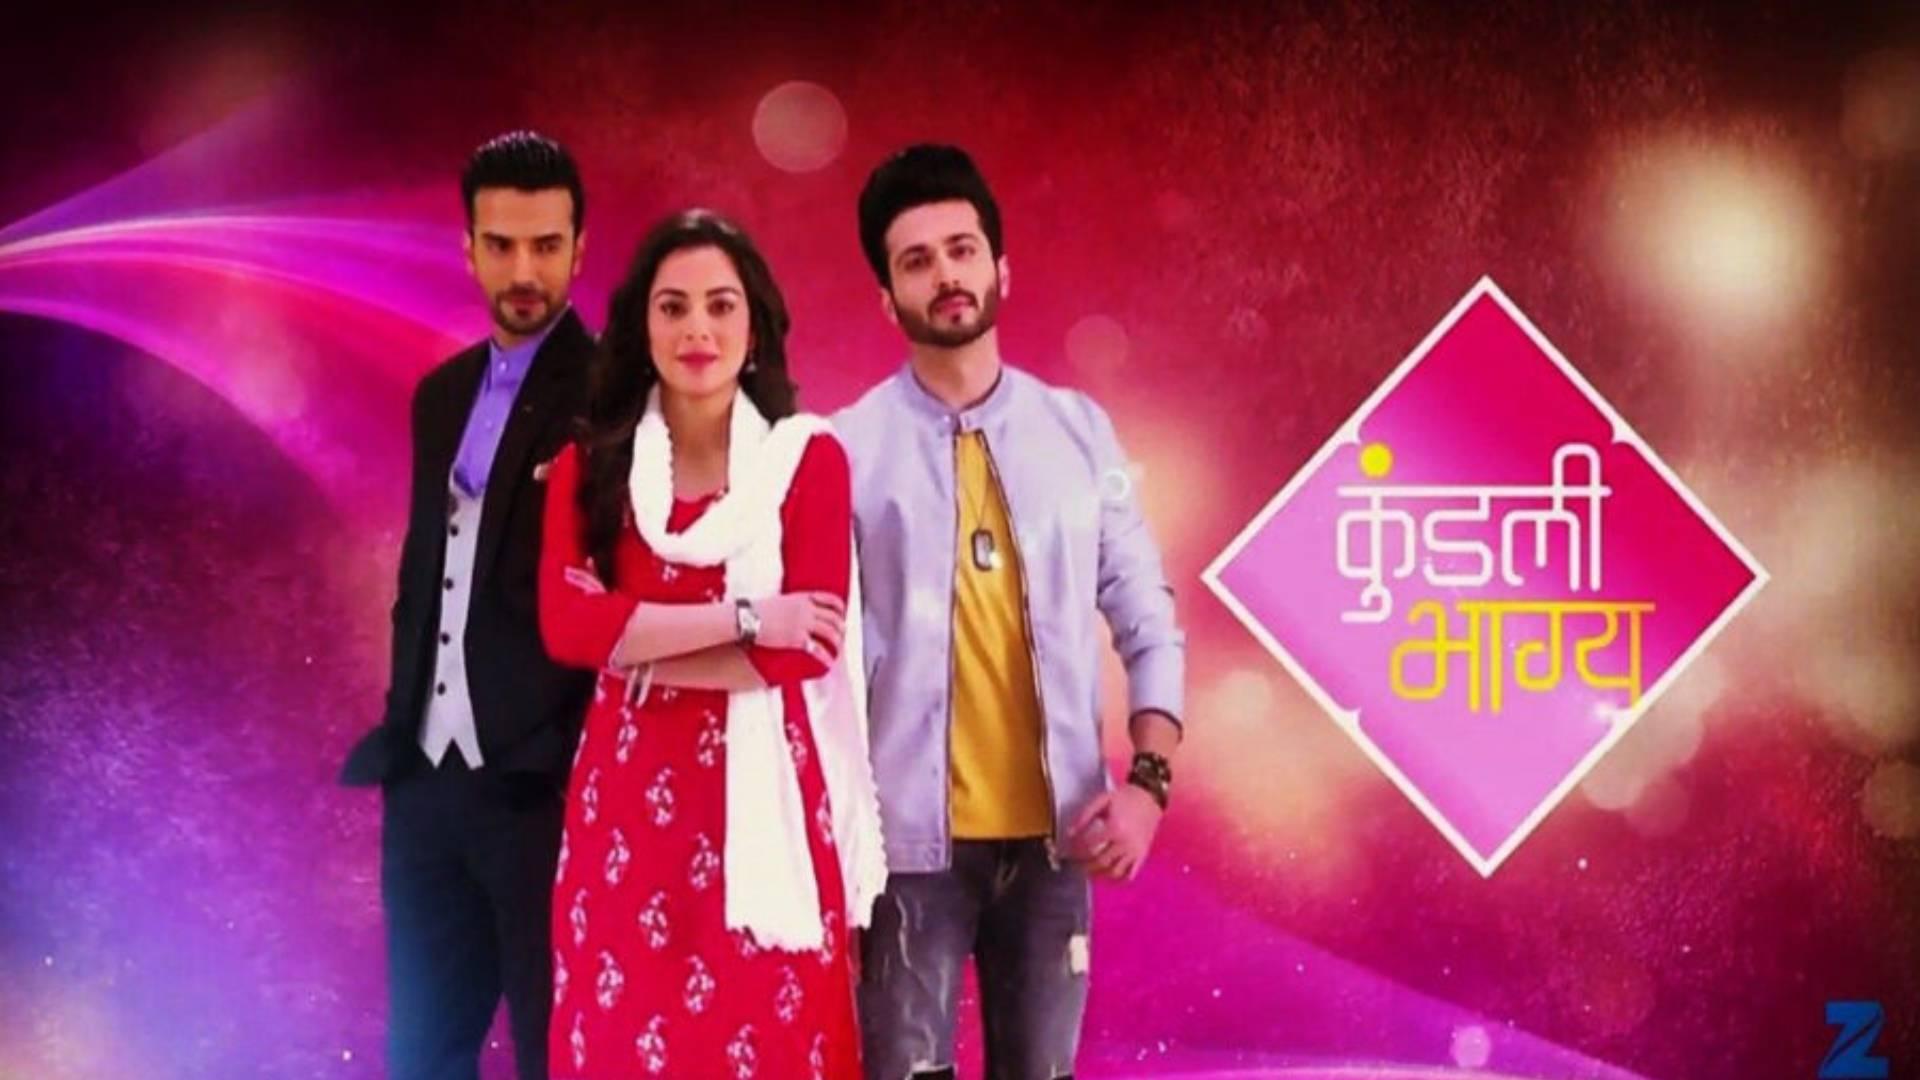 TV TRP List: कुंडली भाग्य सीरियल बना नंबर वन, सलमान खान का शो बिग बॉस 13 टॉप 10 से हुआ बाहर